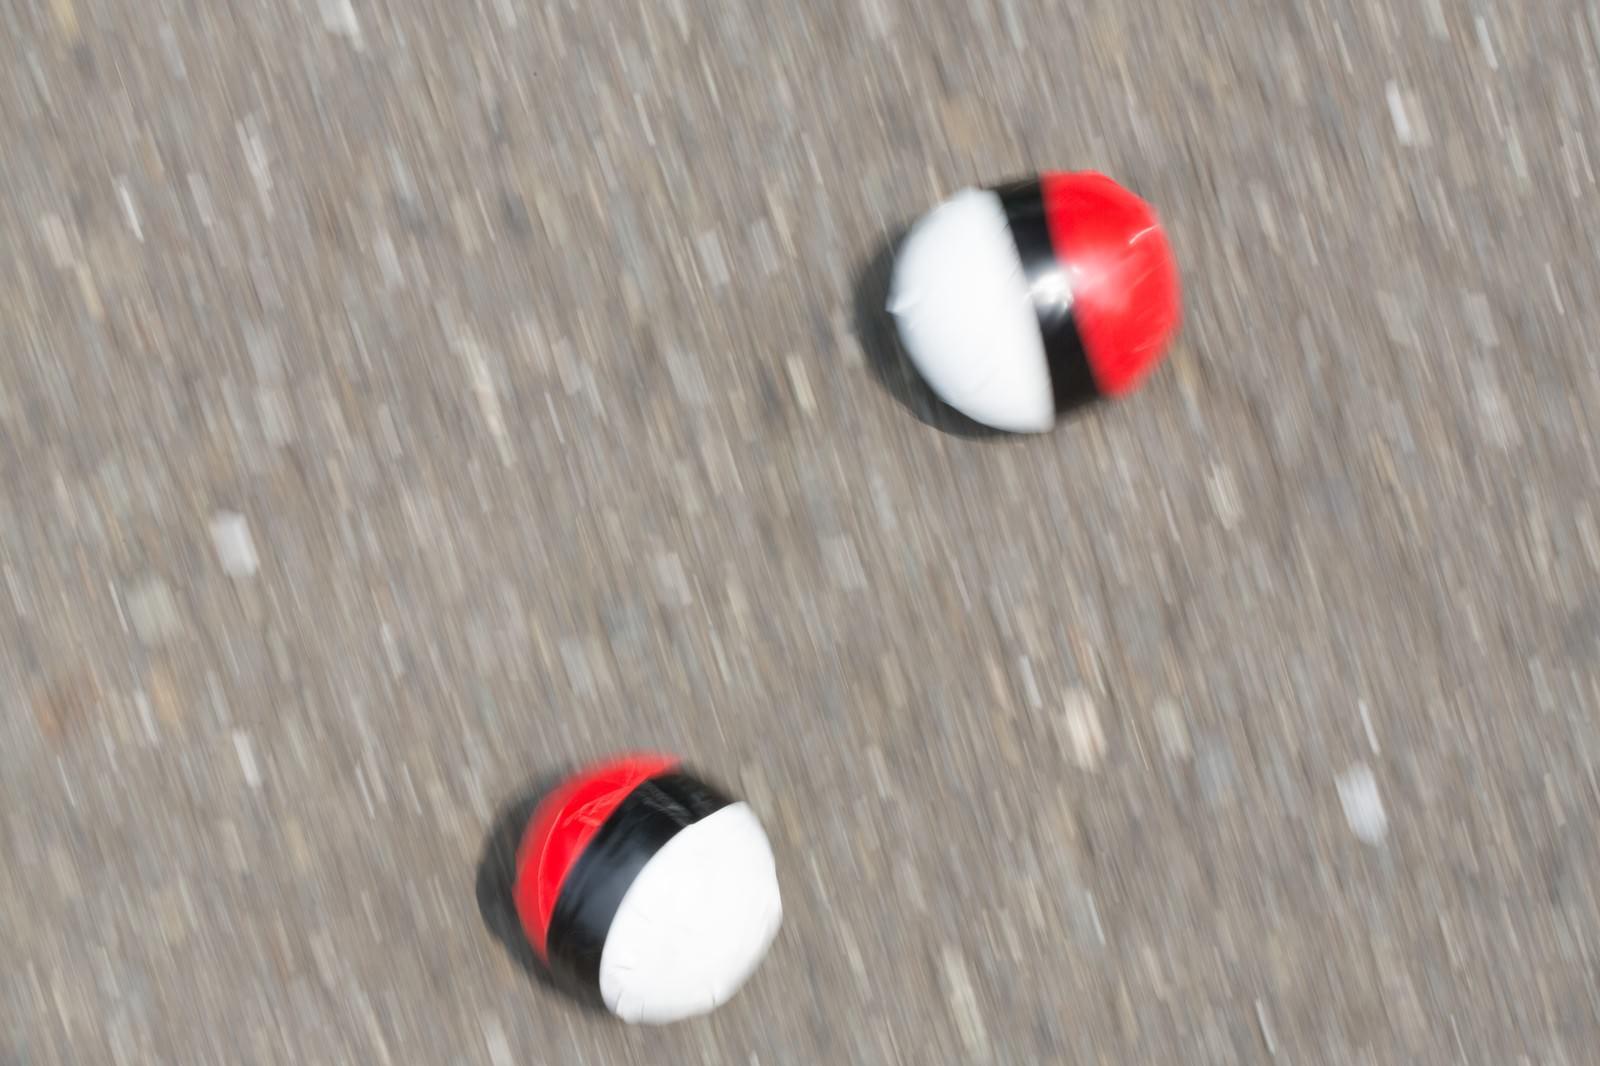 「路上に転がる紅白ボール | 写真の無料素材・フリー素材 - ぱくたそ」の写真